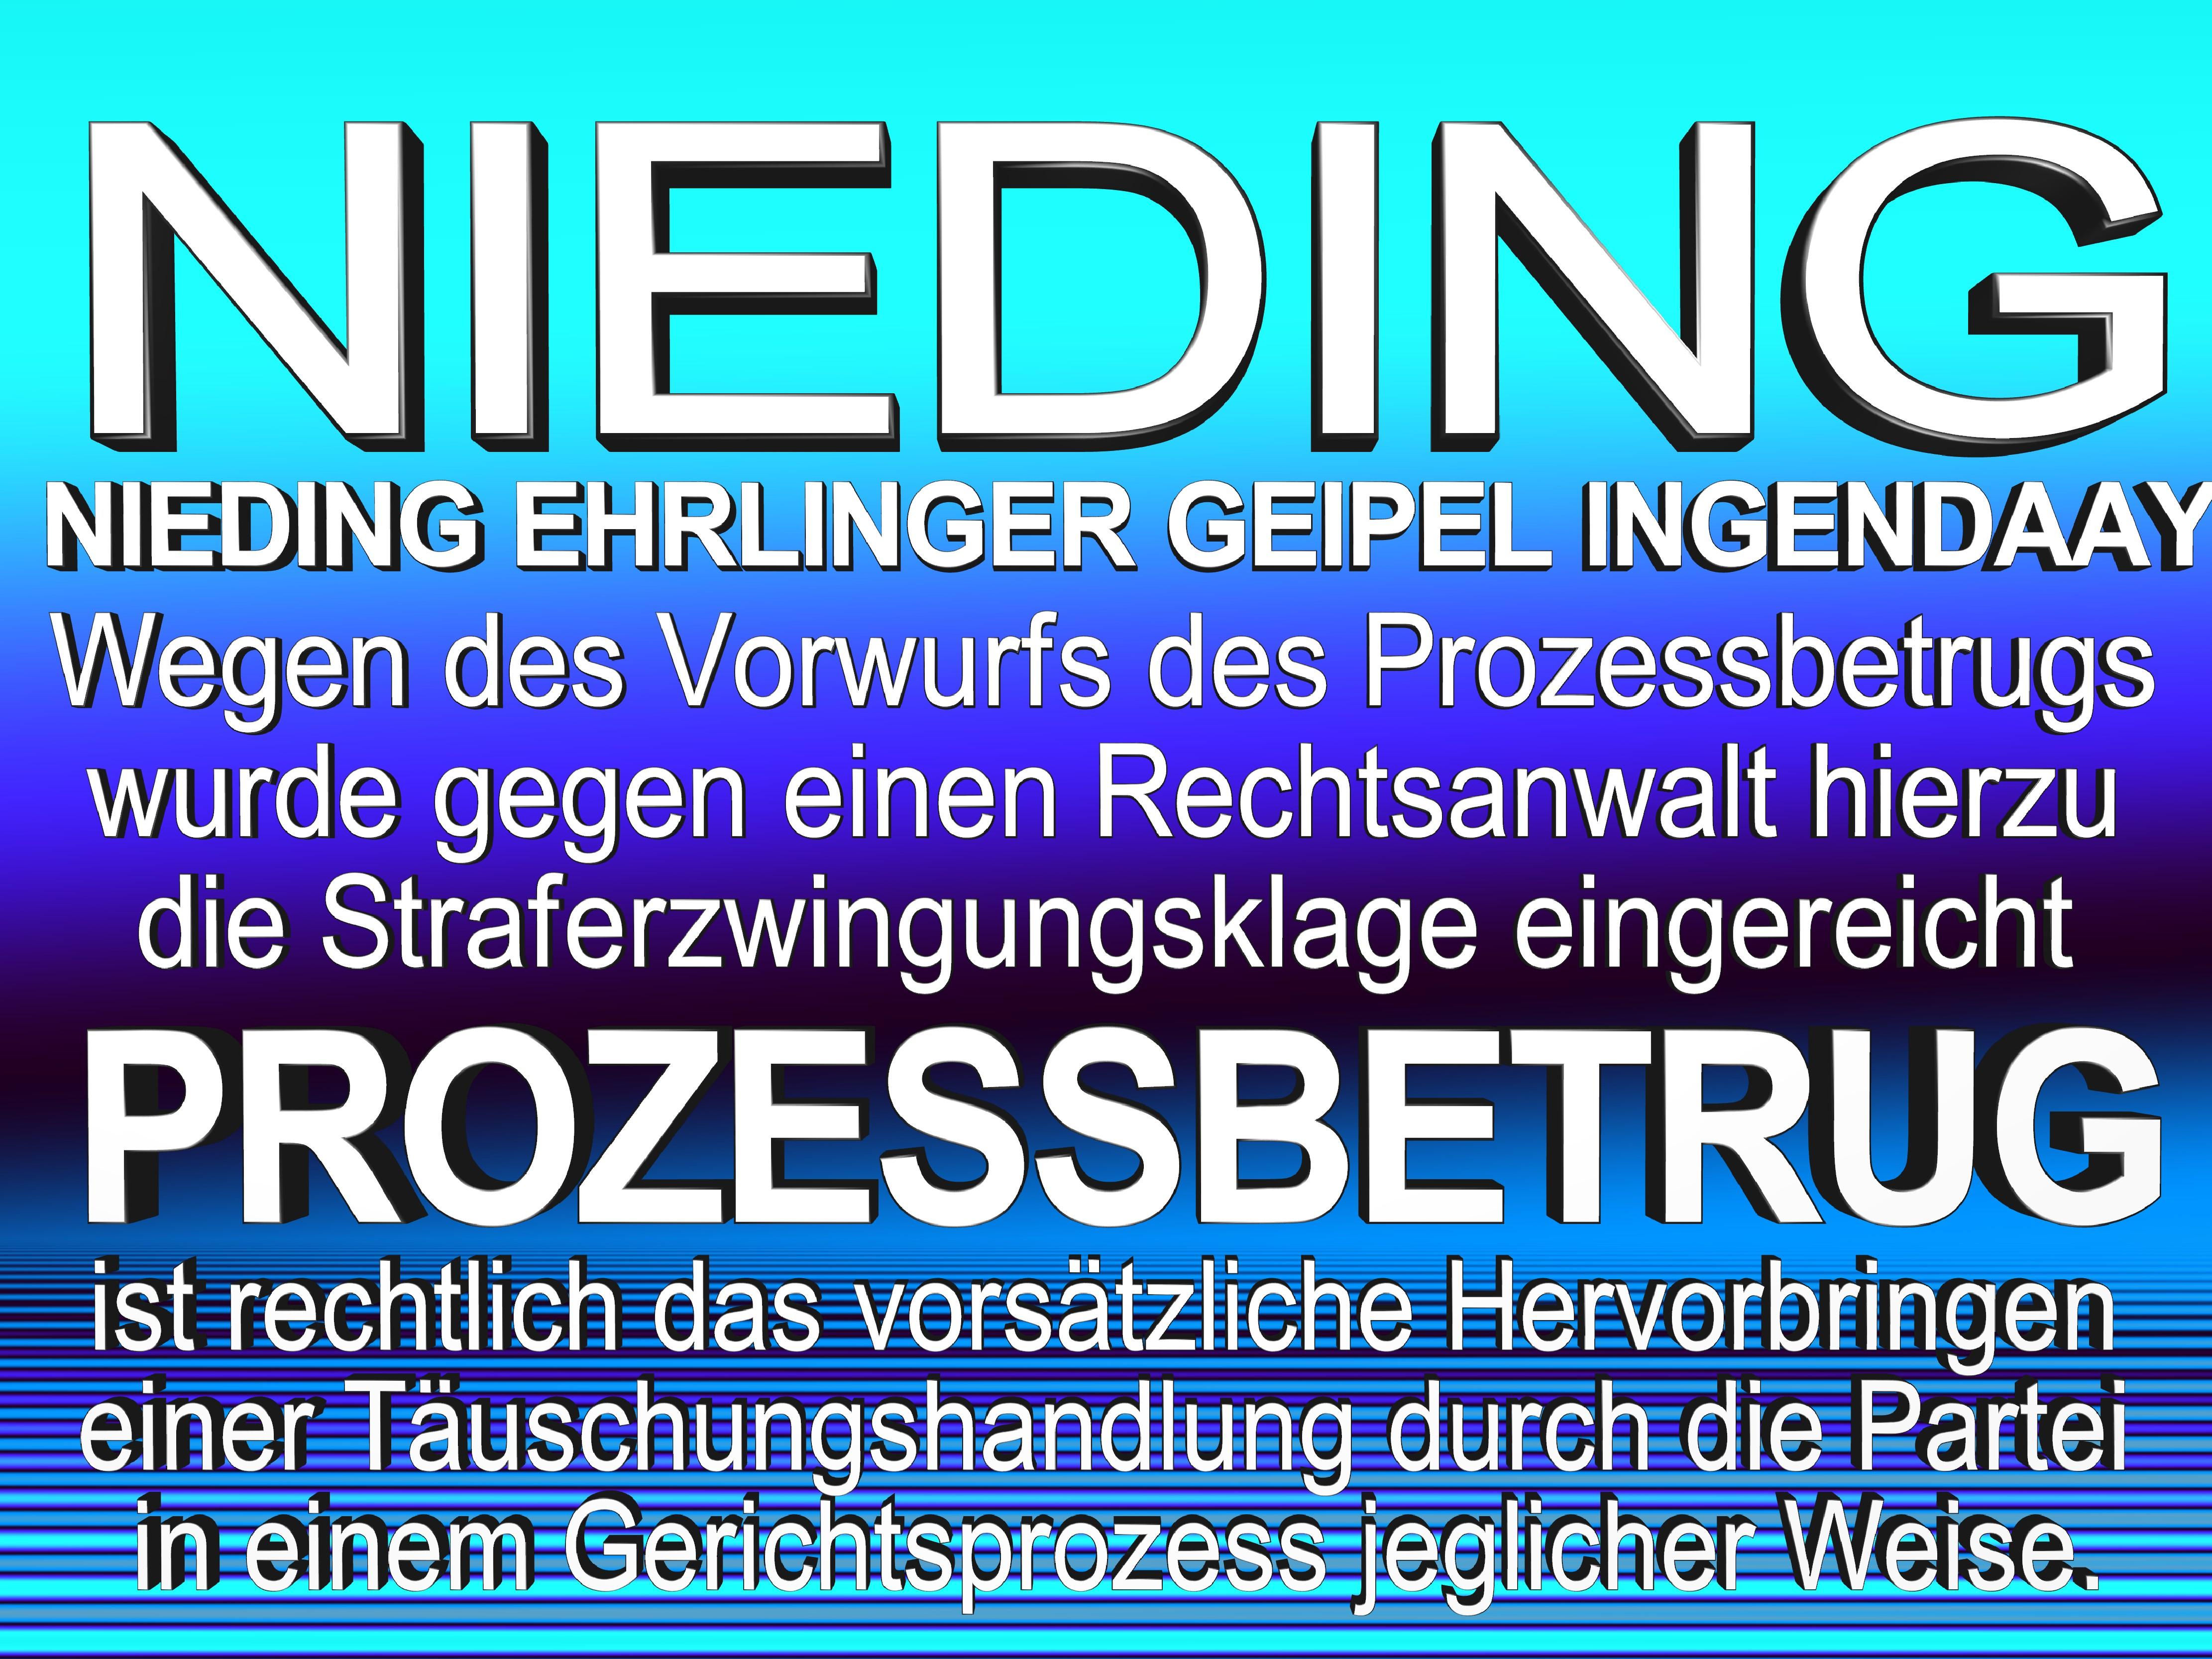 NIEDING EHRLINGER GEIPEL INGENDAAY LELKE Kurfürstendamm 66 Berlin (39)